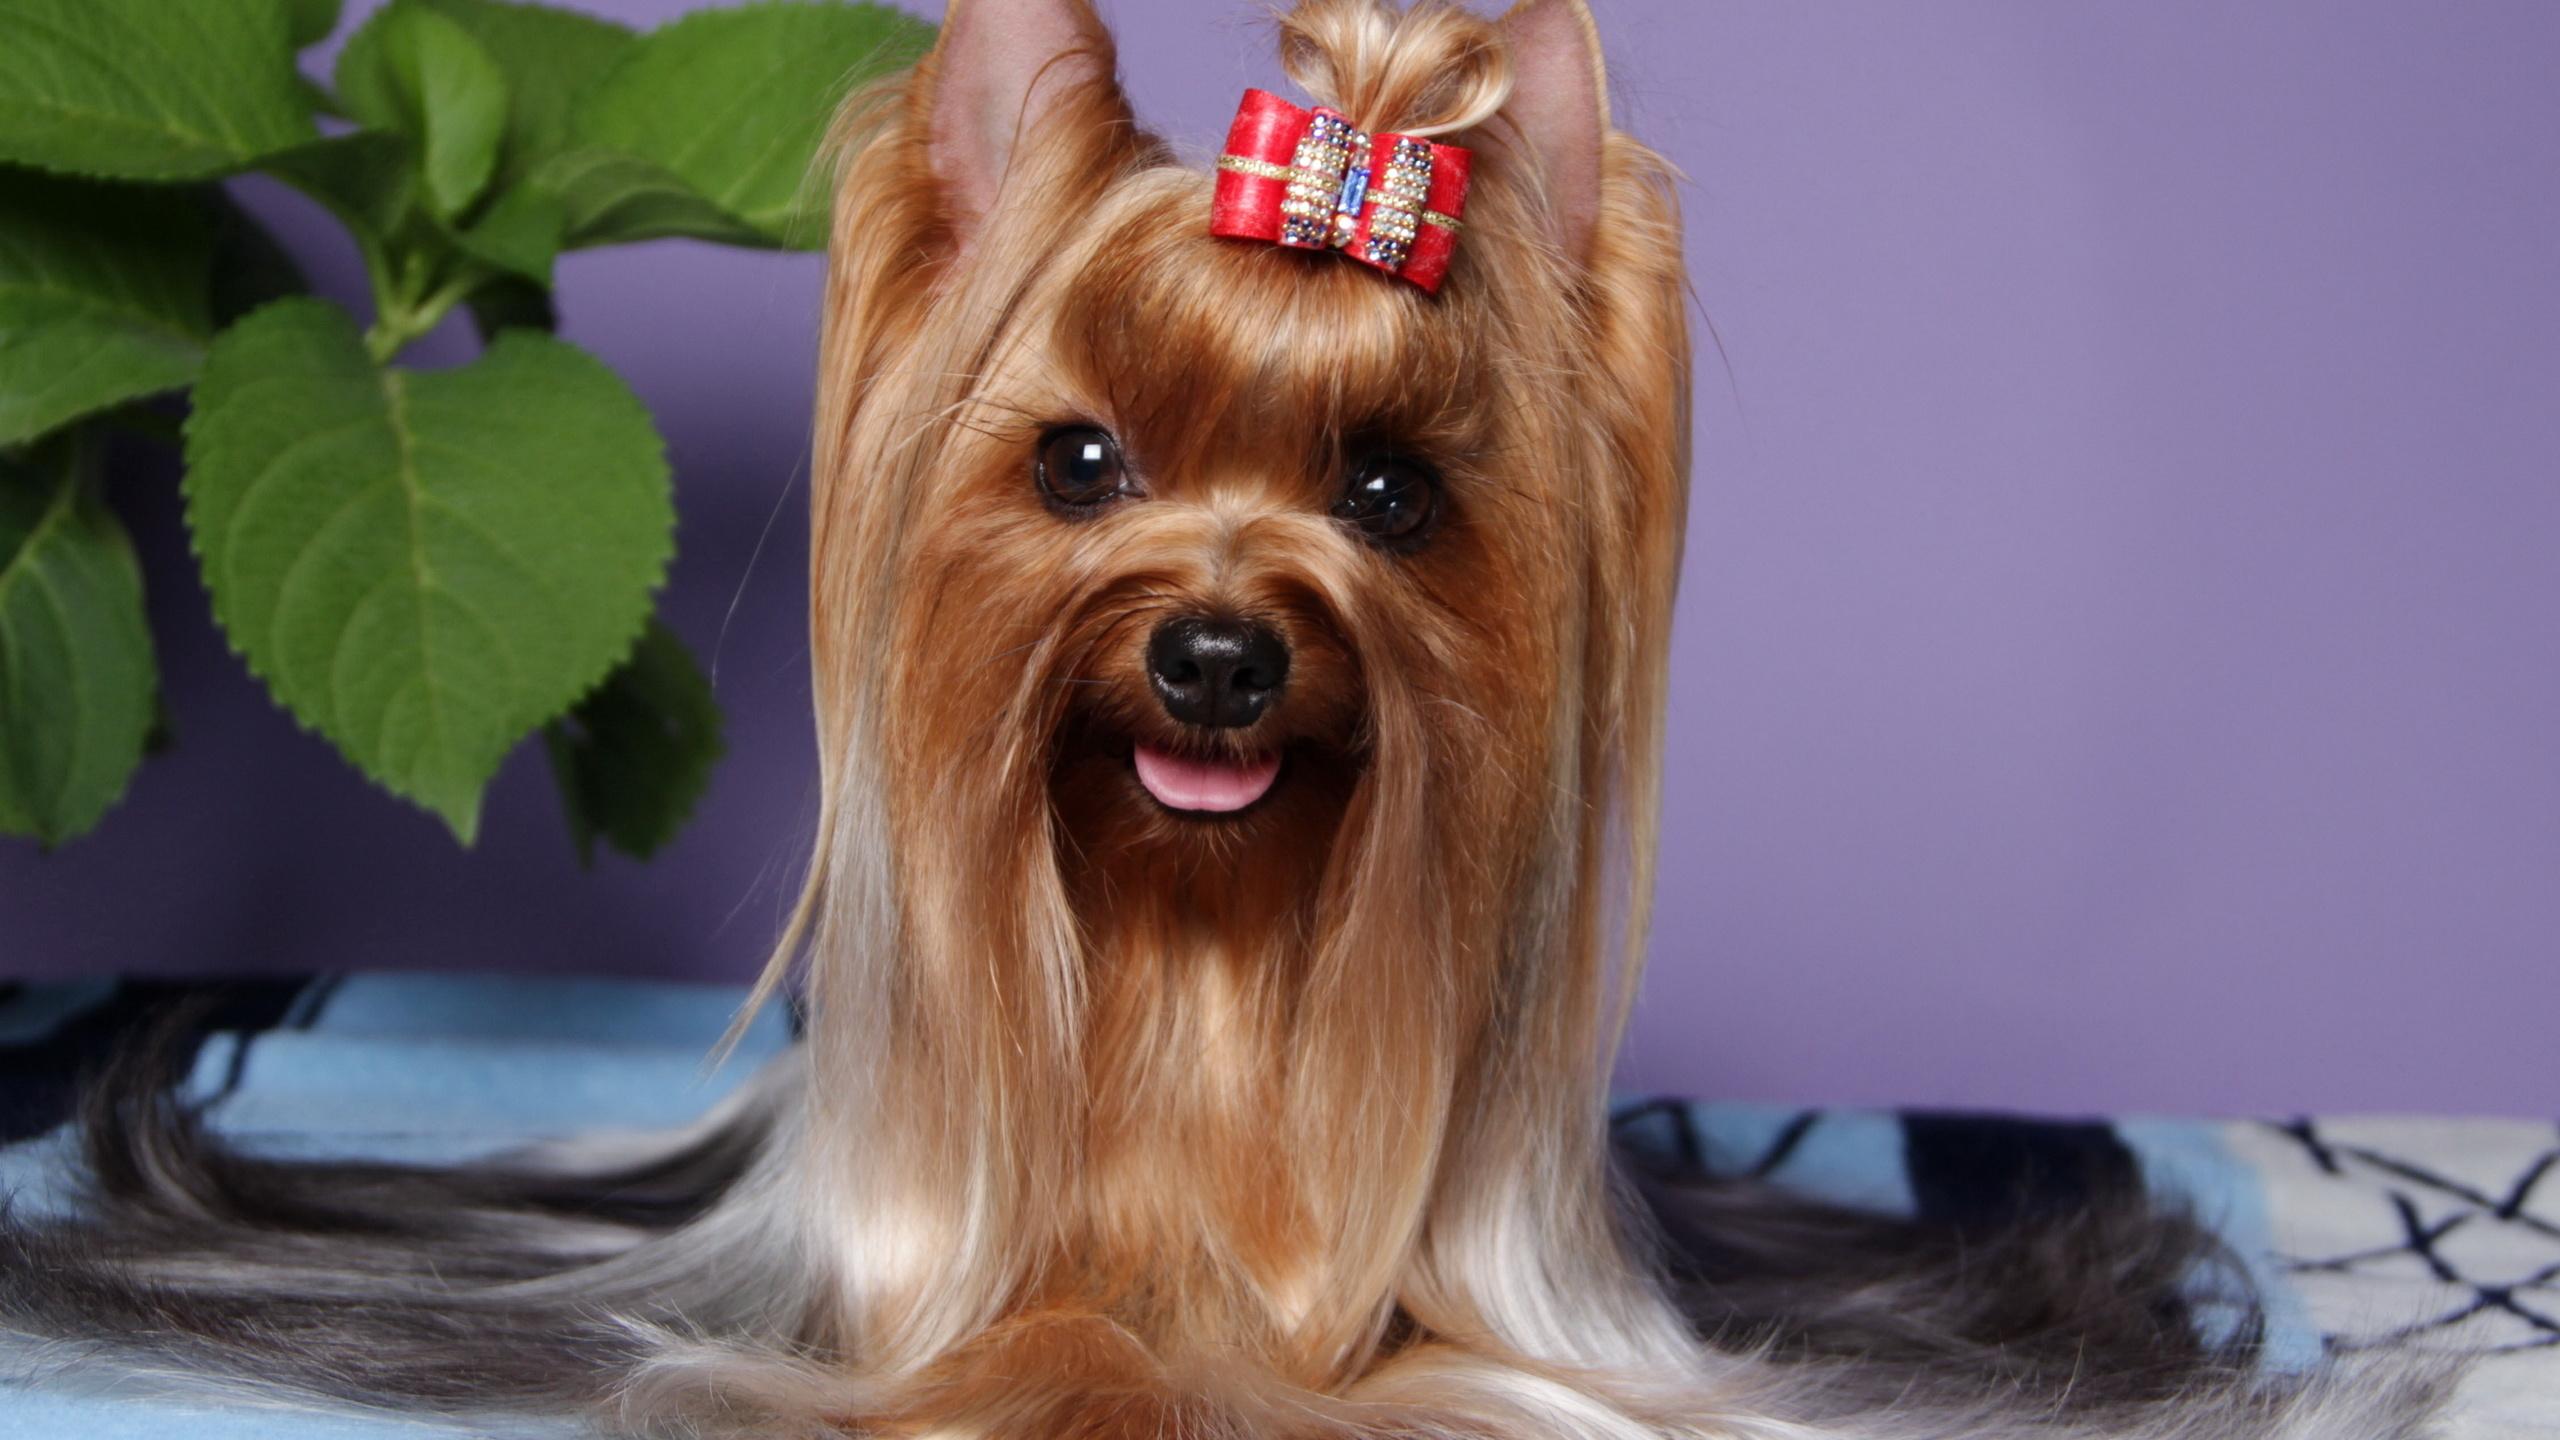 картинки с собаками йорки есть все технические